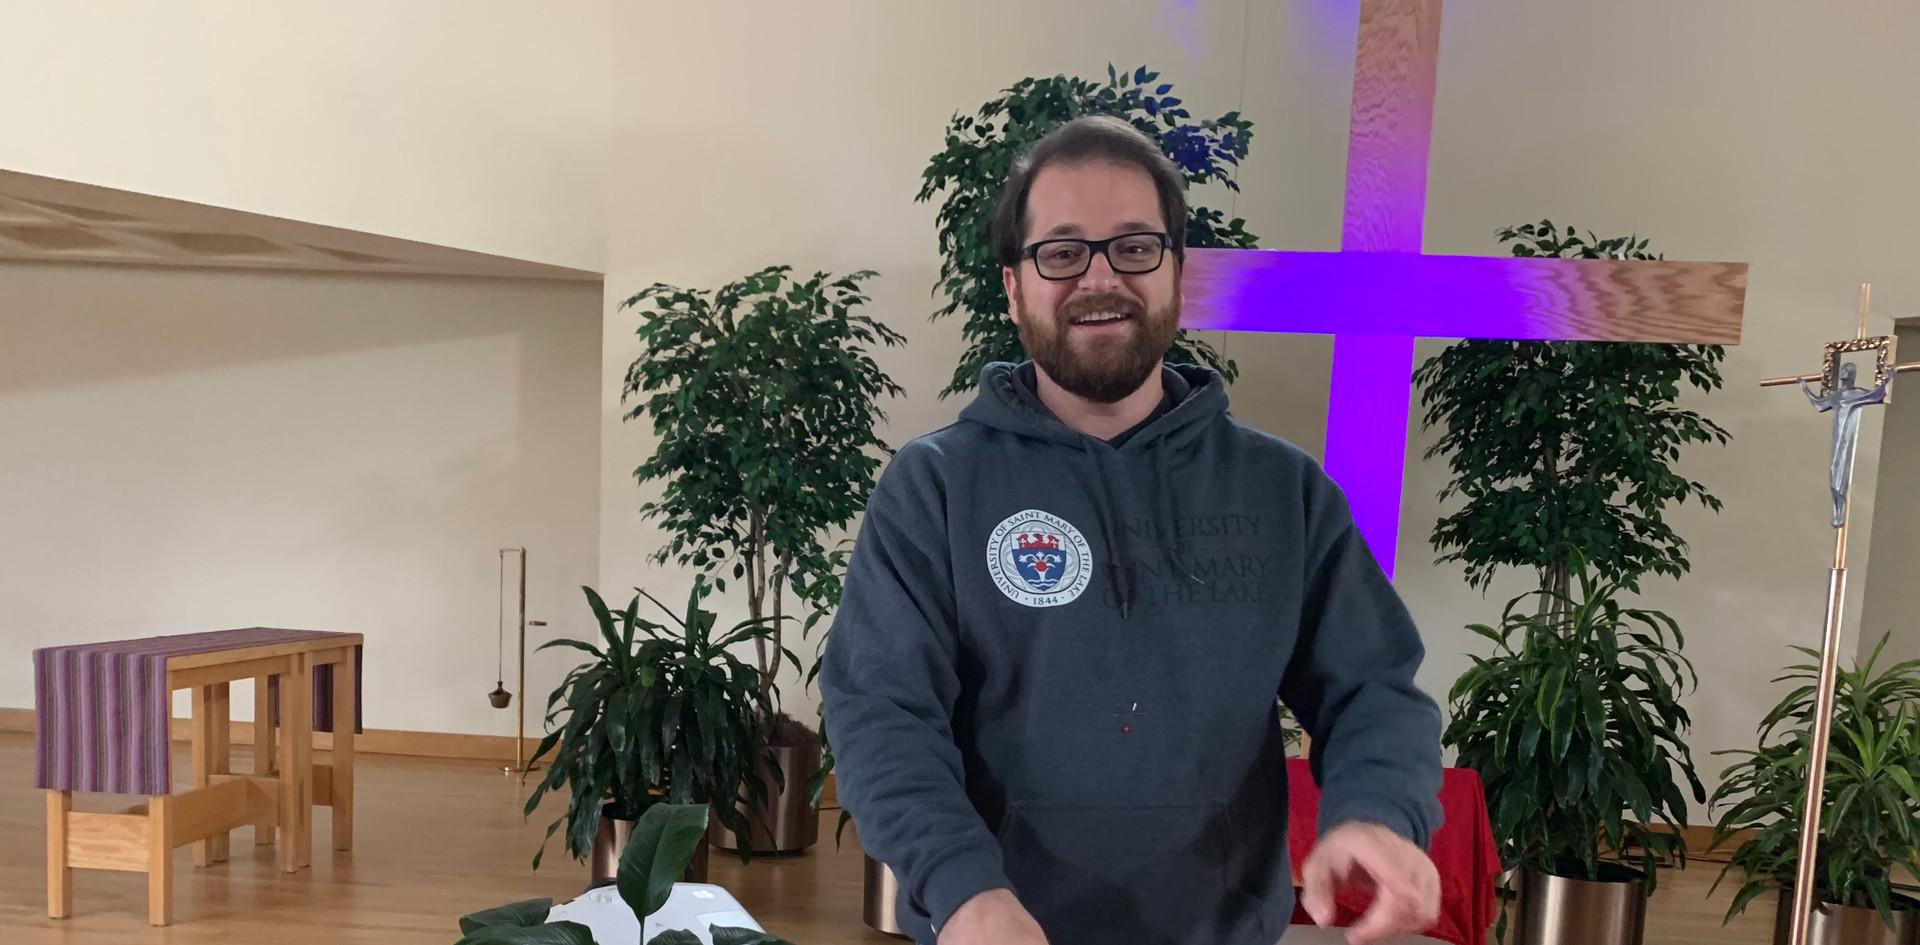 Fr. Chris ironing ;)